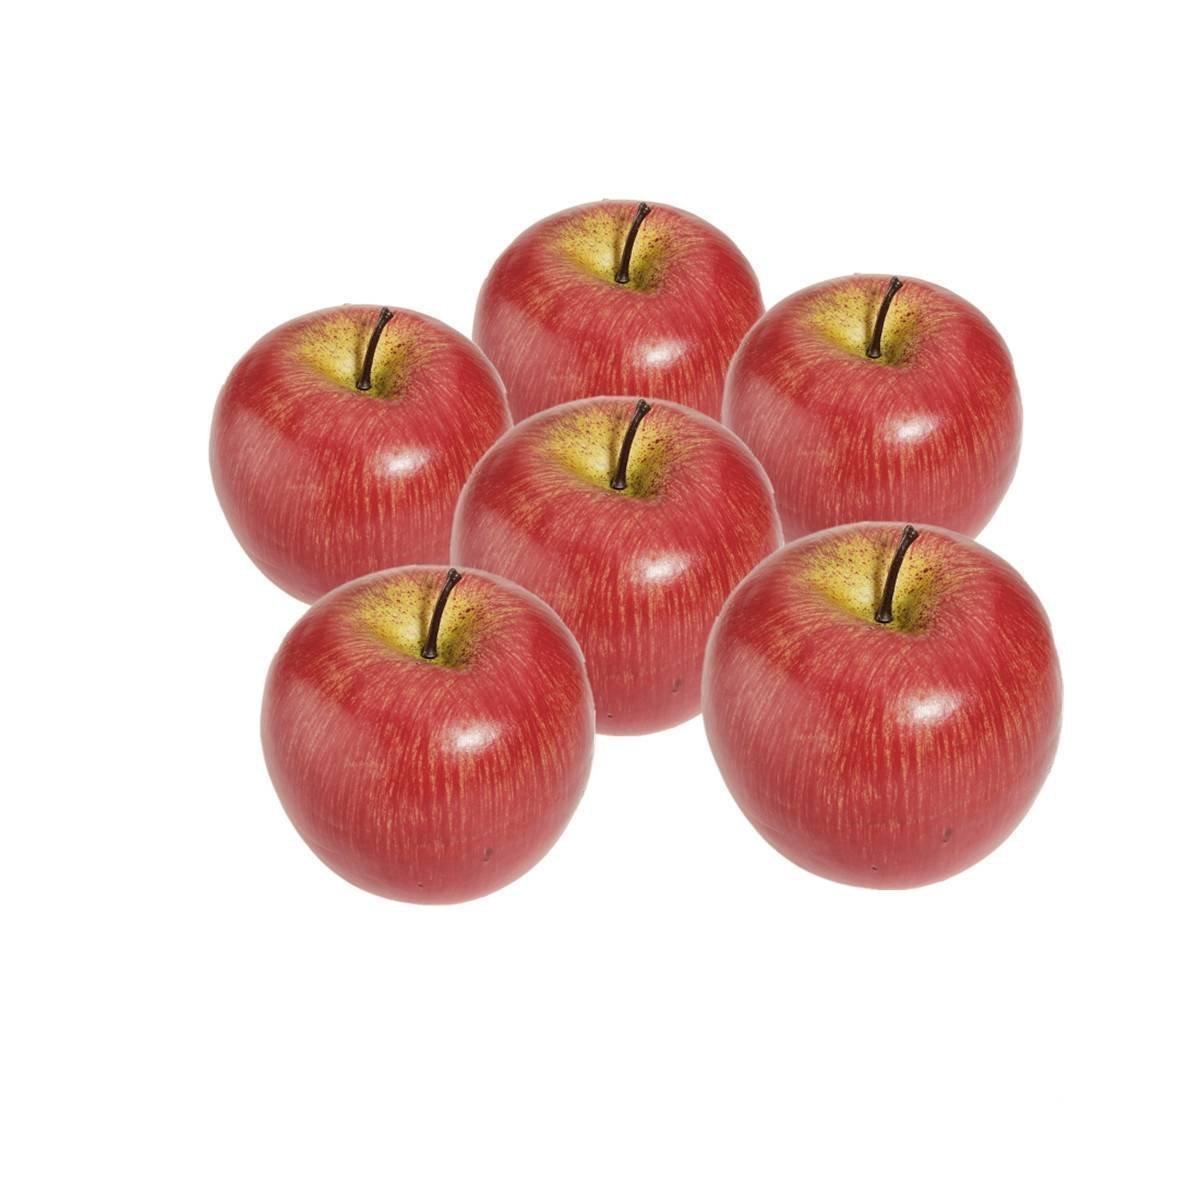 TOOGOO (R) 6 Stueck Dekorativer Kuenstlicher Apfel Kunststoff Obst Imitation Hause Dekoration - rot SODIAL(R) SHOMAGT21398